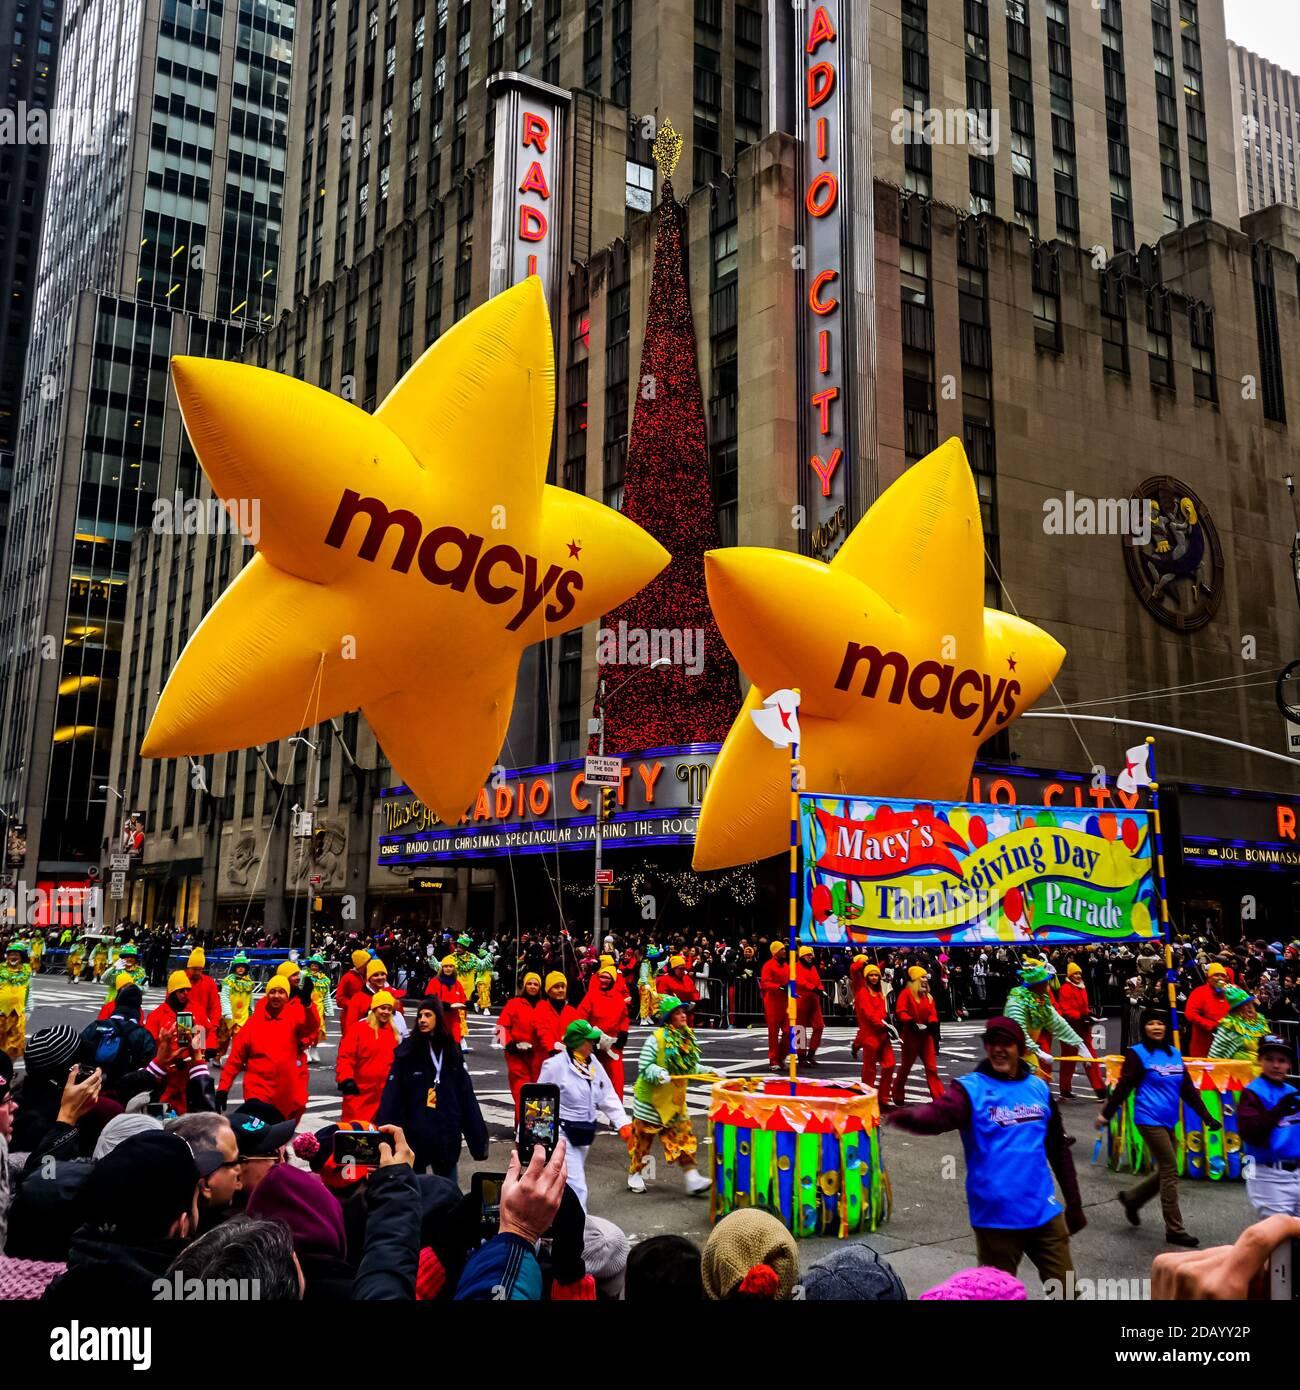 Le défilé annuel de Macy's Thanksgiving Day le long de l'avenue des Amériques avec des ballons flottant dans les airs. Banque D'Images